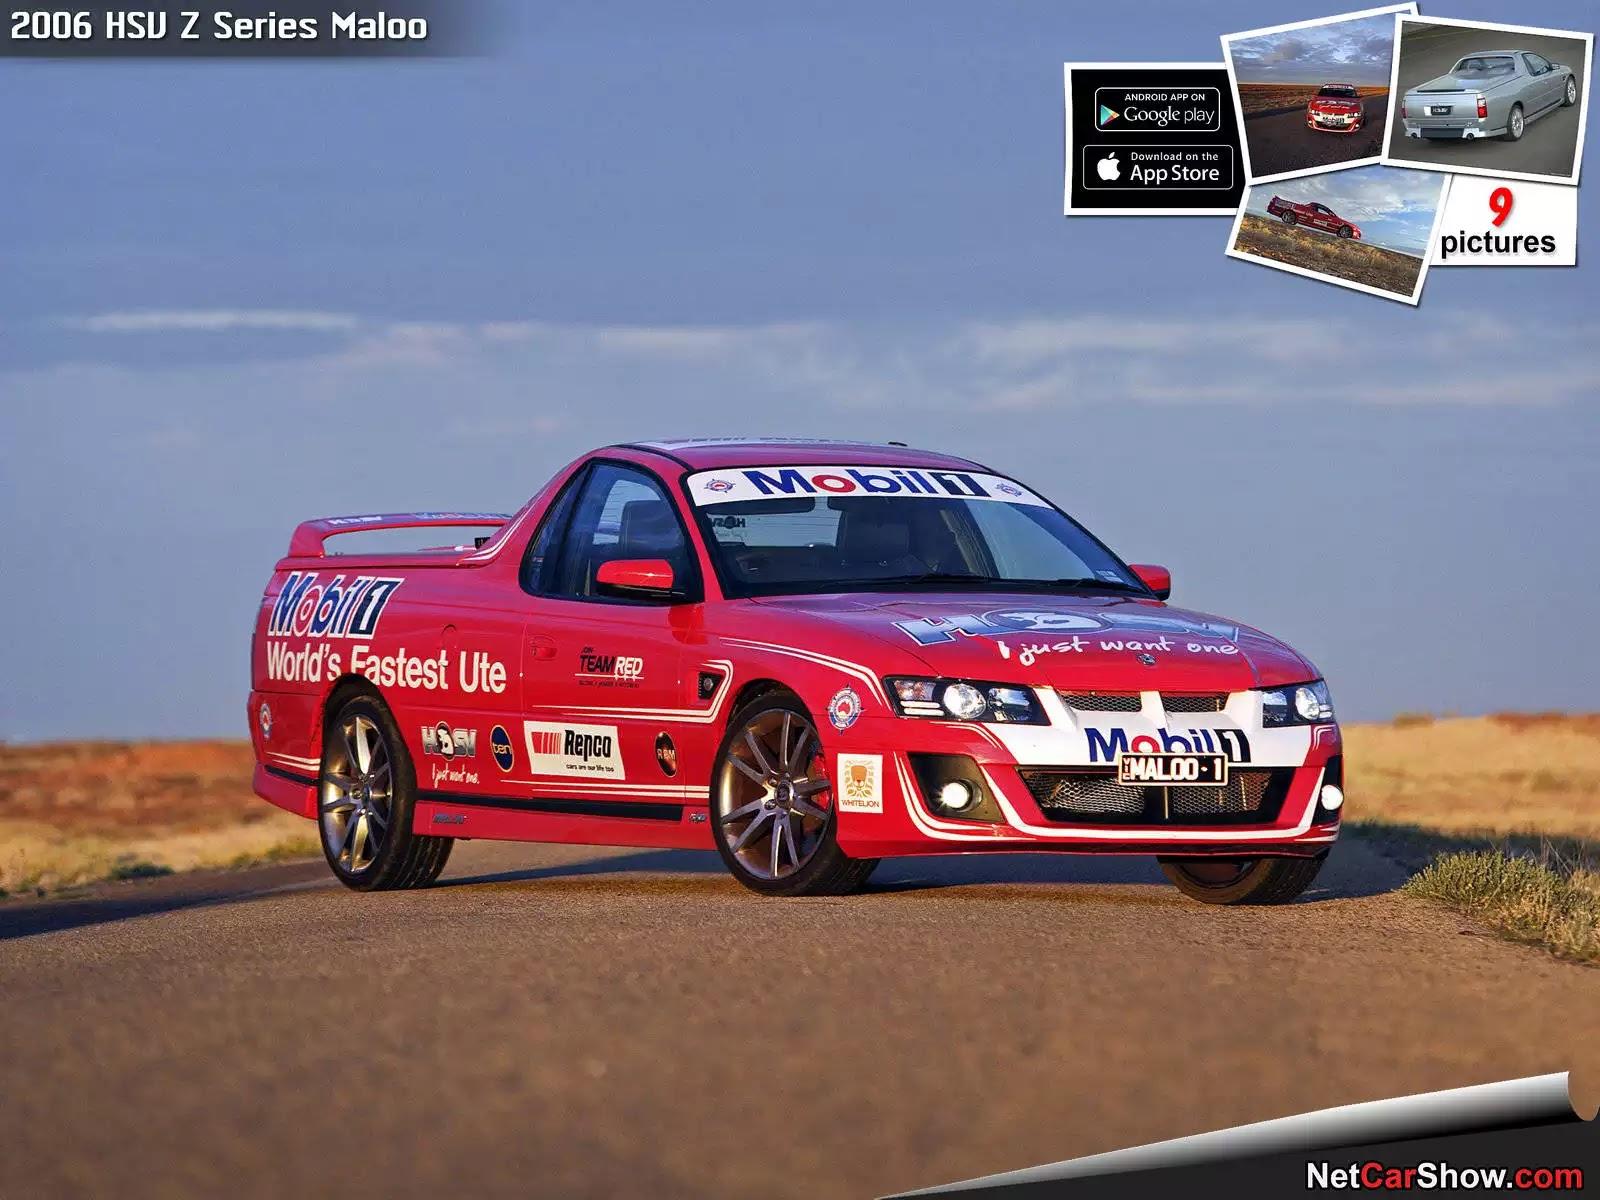 Hình ảnh xe ô tô HSV Z Series Maloo 2006 & nội ngoại thất